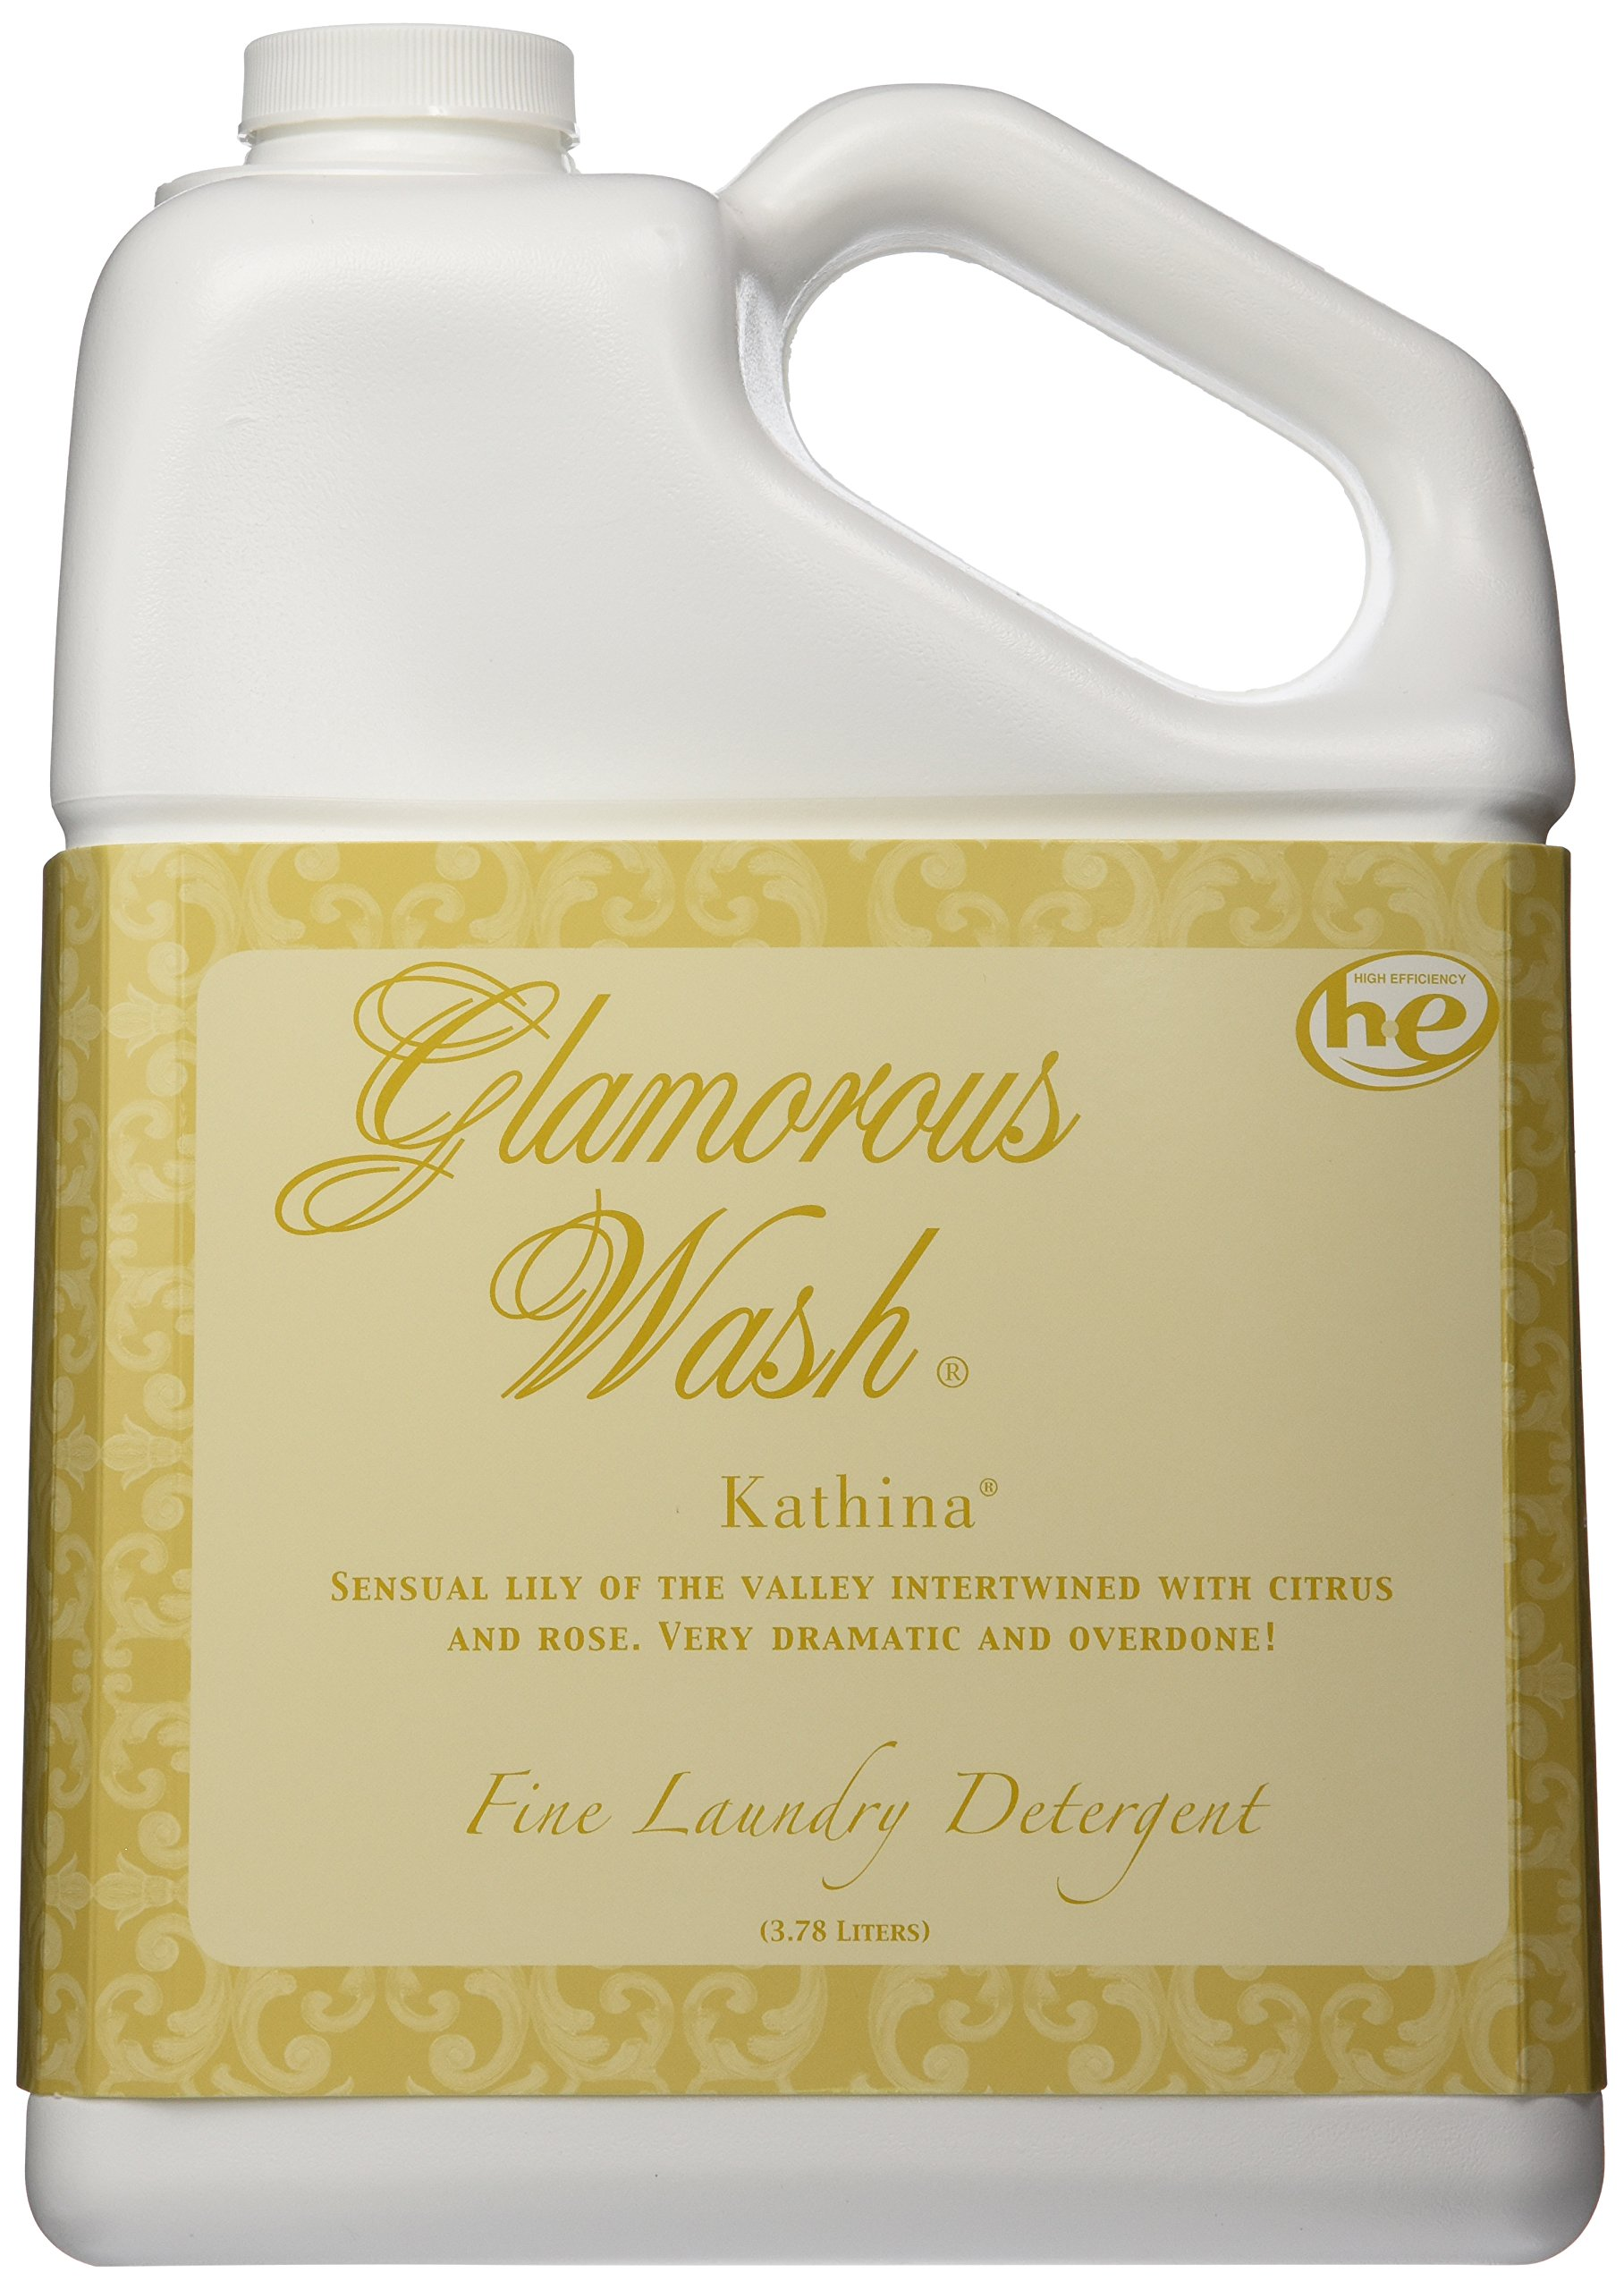 TYLER Kathina Glamorous Fine Laundry Detergent, 128 Ounce by Tyler